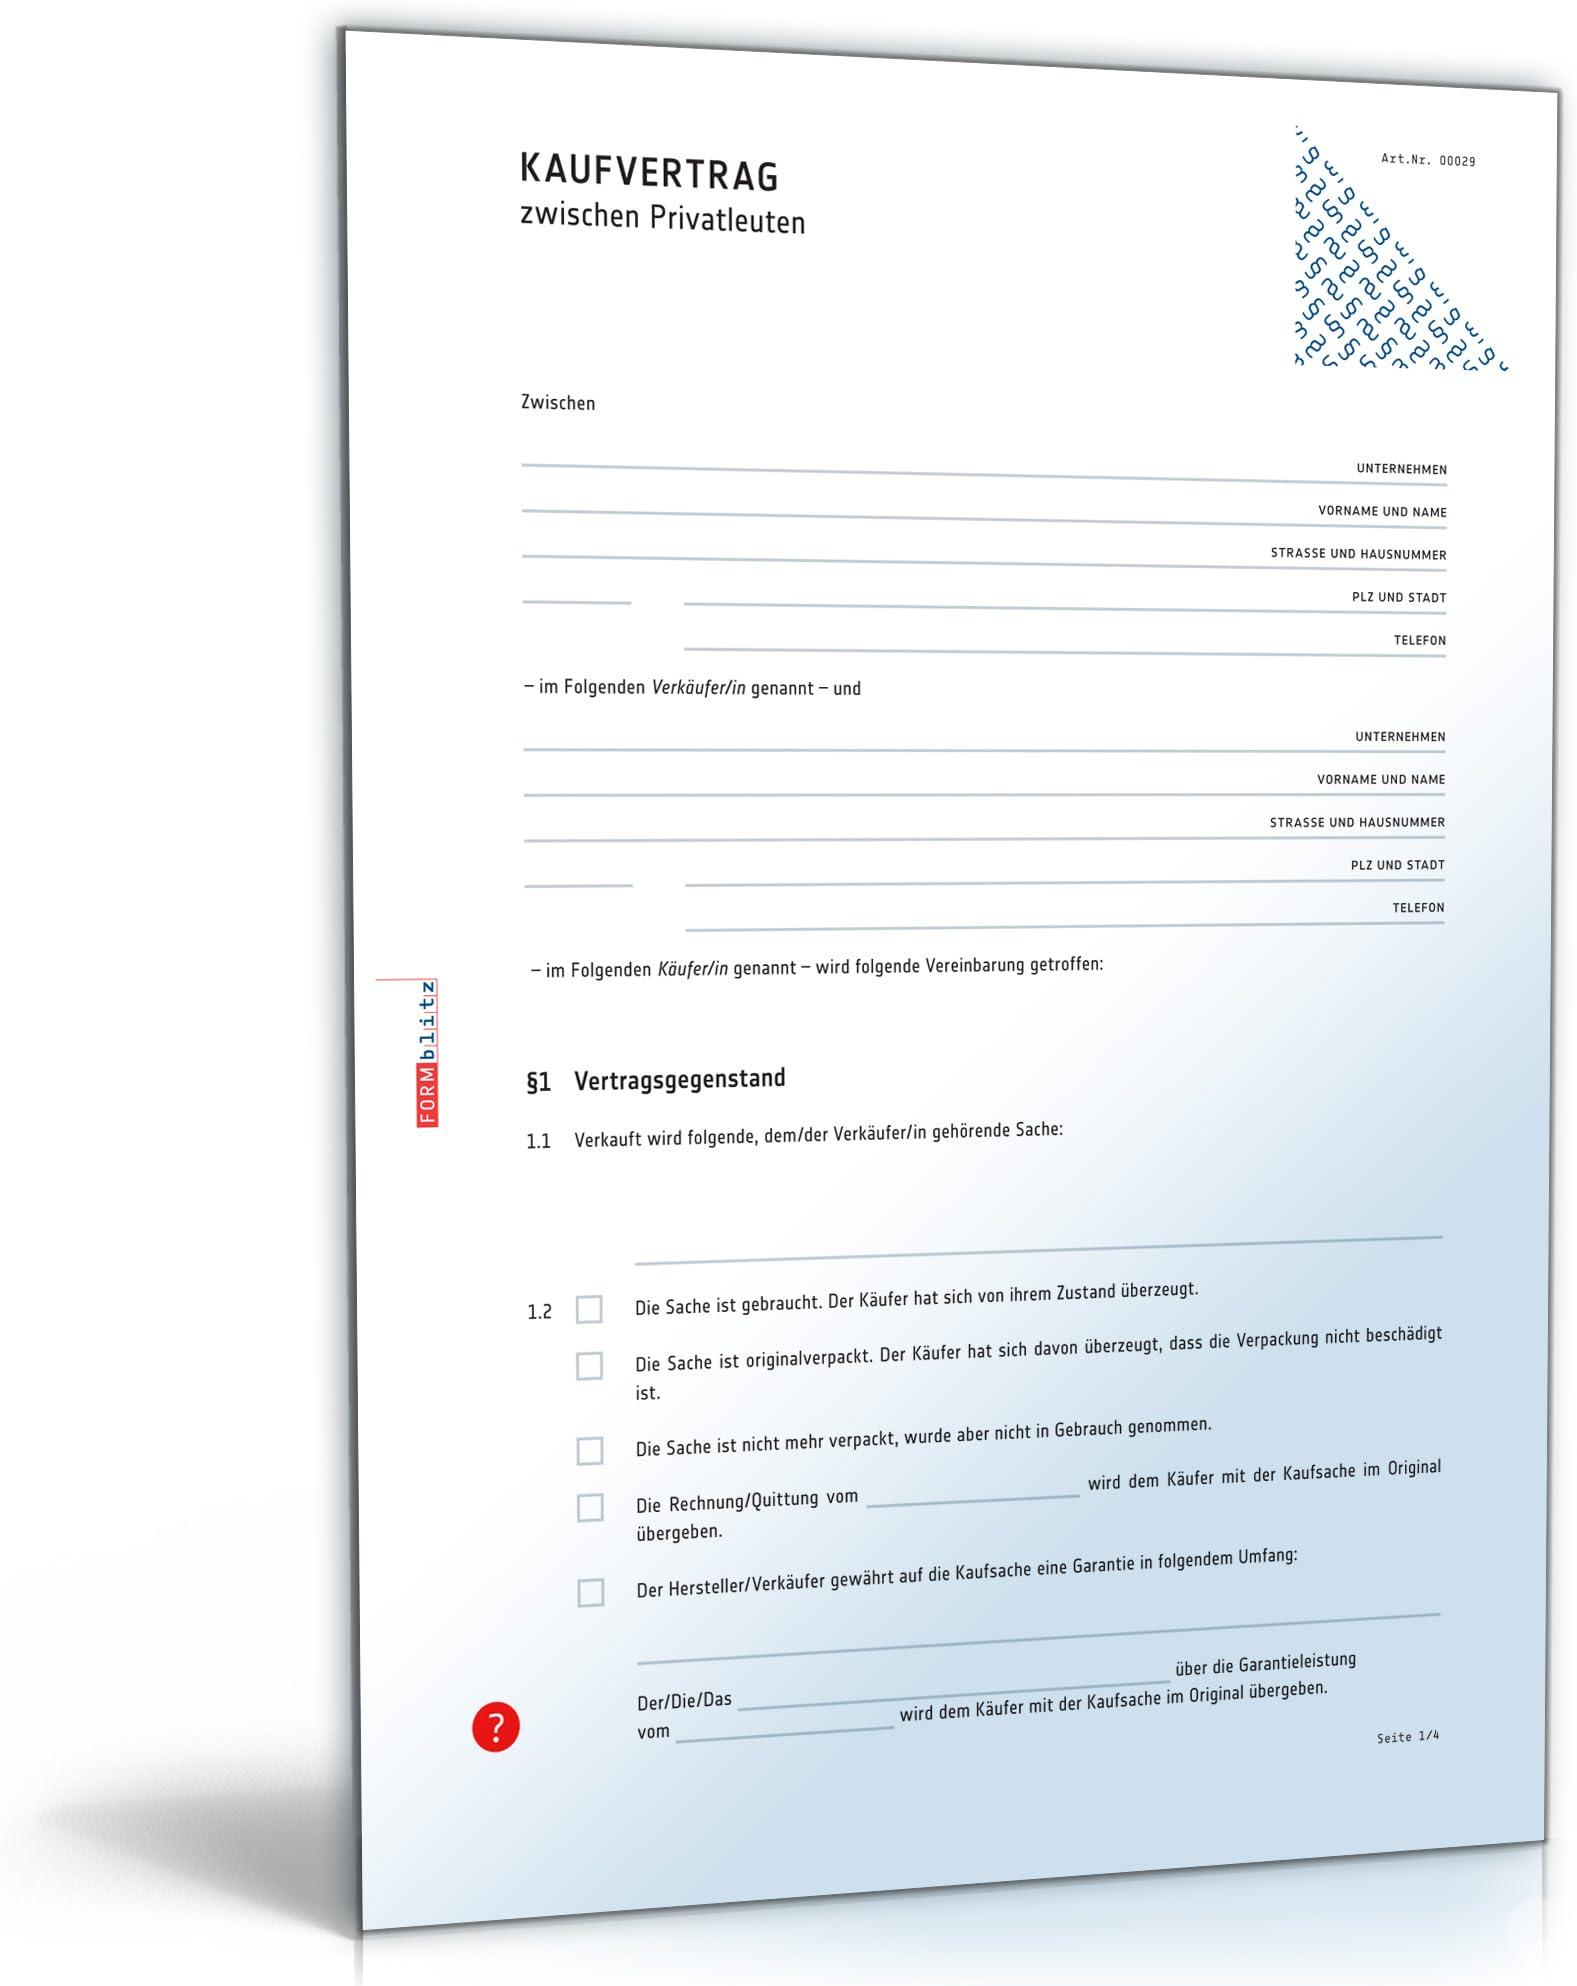 Kaufvertrag - Vertrag zwischen Privatleuten (PDF) [Download